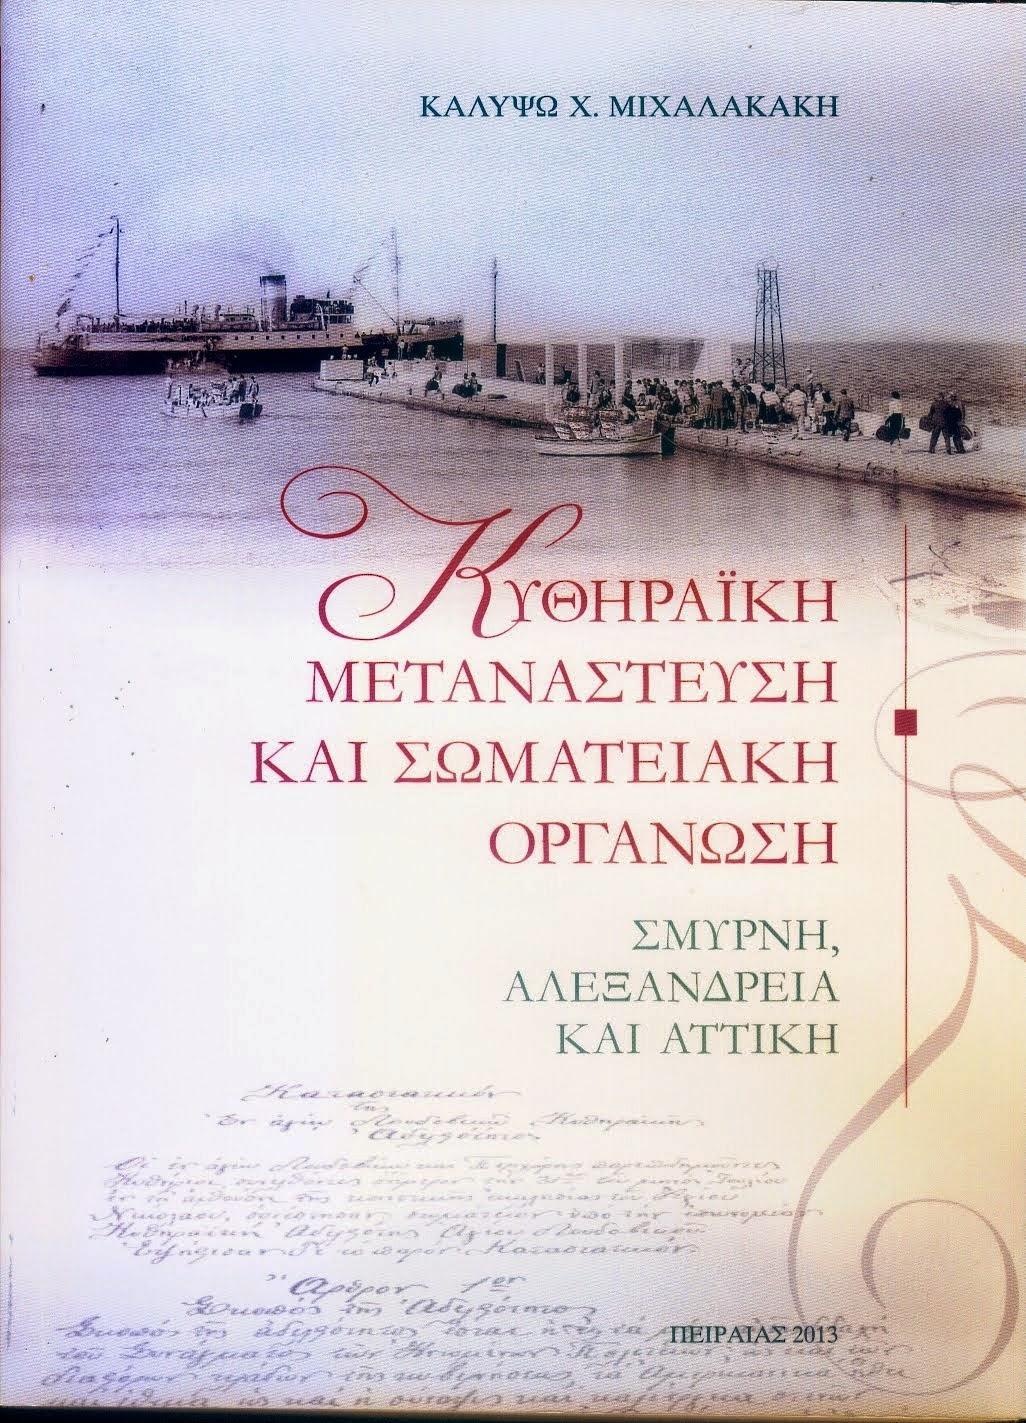 «Κυθηραϊκή Μετανάστευση και Σωματειακή Οργάνωση. Σμύρνη, Αλεξάνδρεια και Αττική»